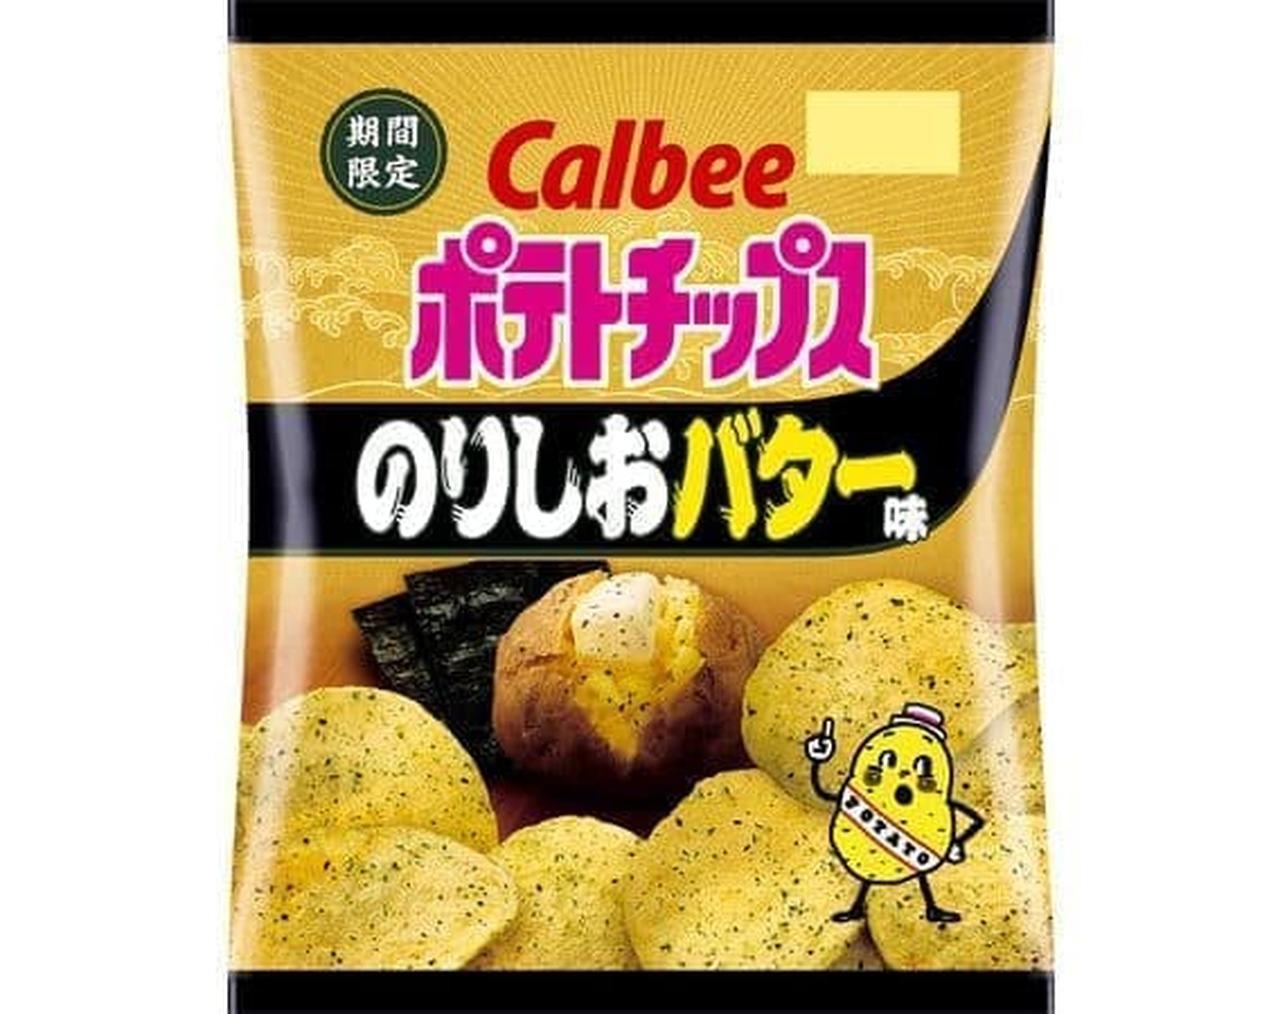 カルビー「ポテトチップス のりしおバター味」